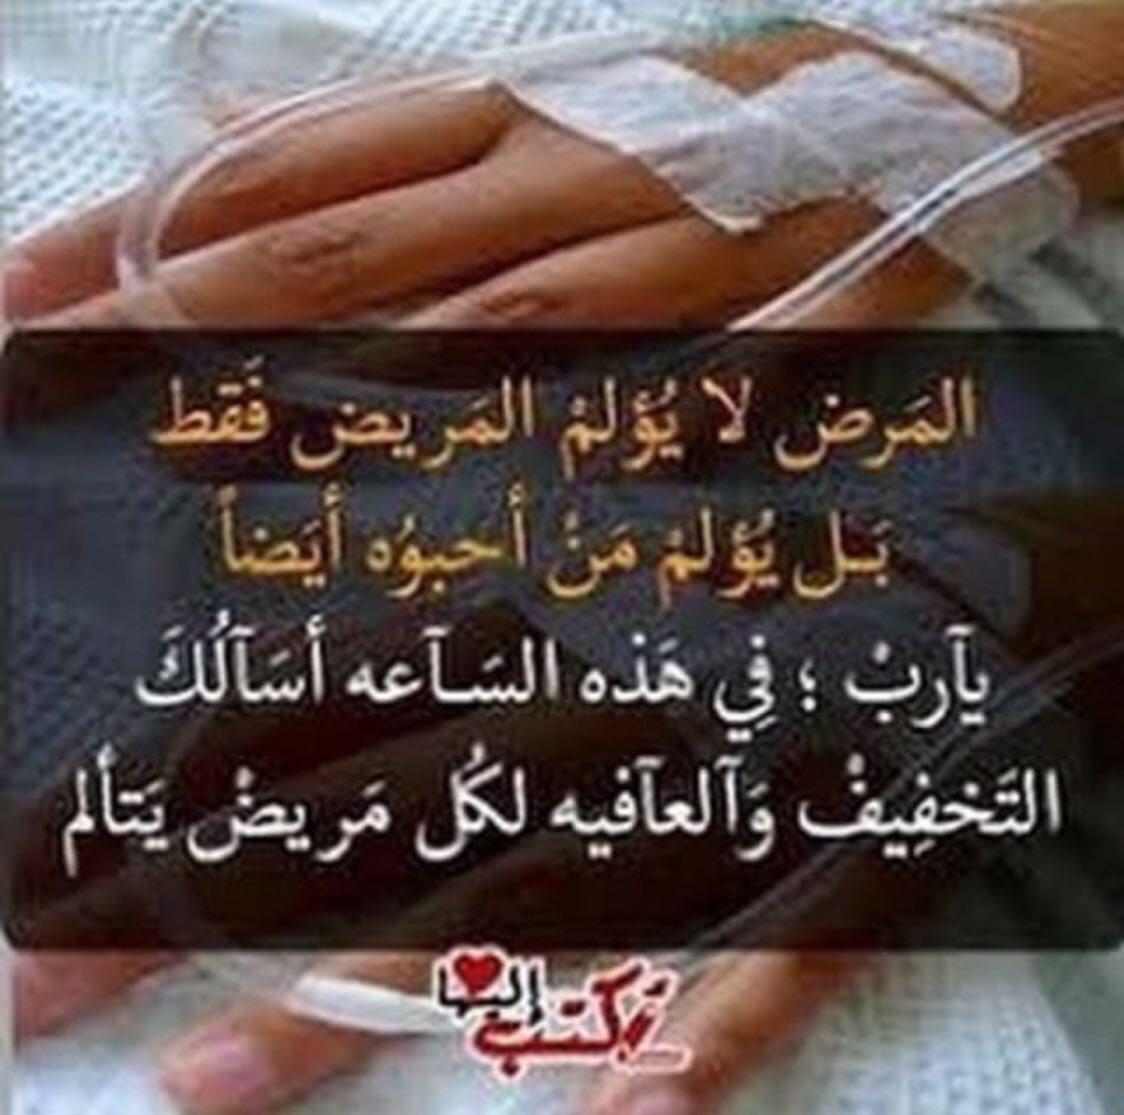 مفرح الفطره En Twitter اللهم اشفي كل مريض يارب العرش العظيم Https T Co Bucmhsz8sq